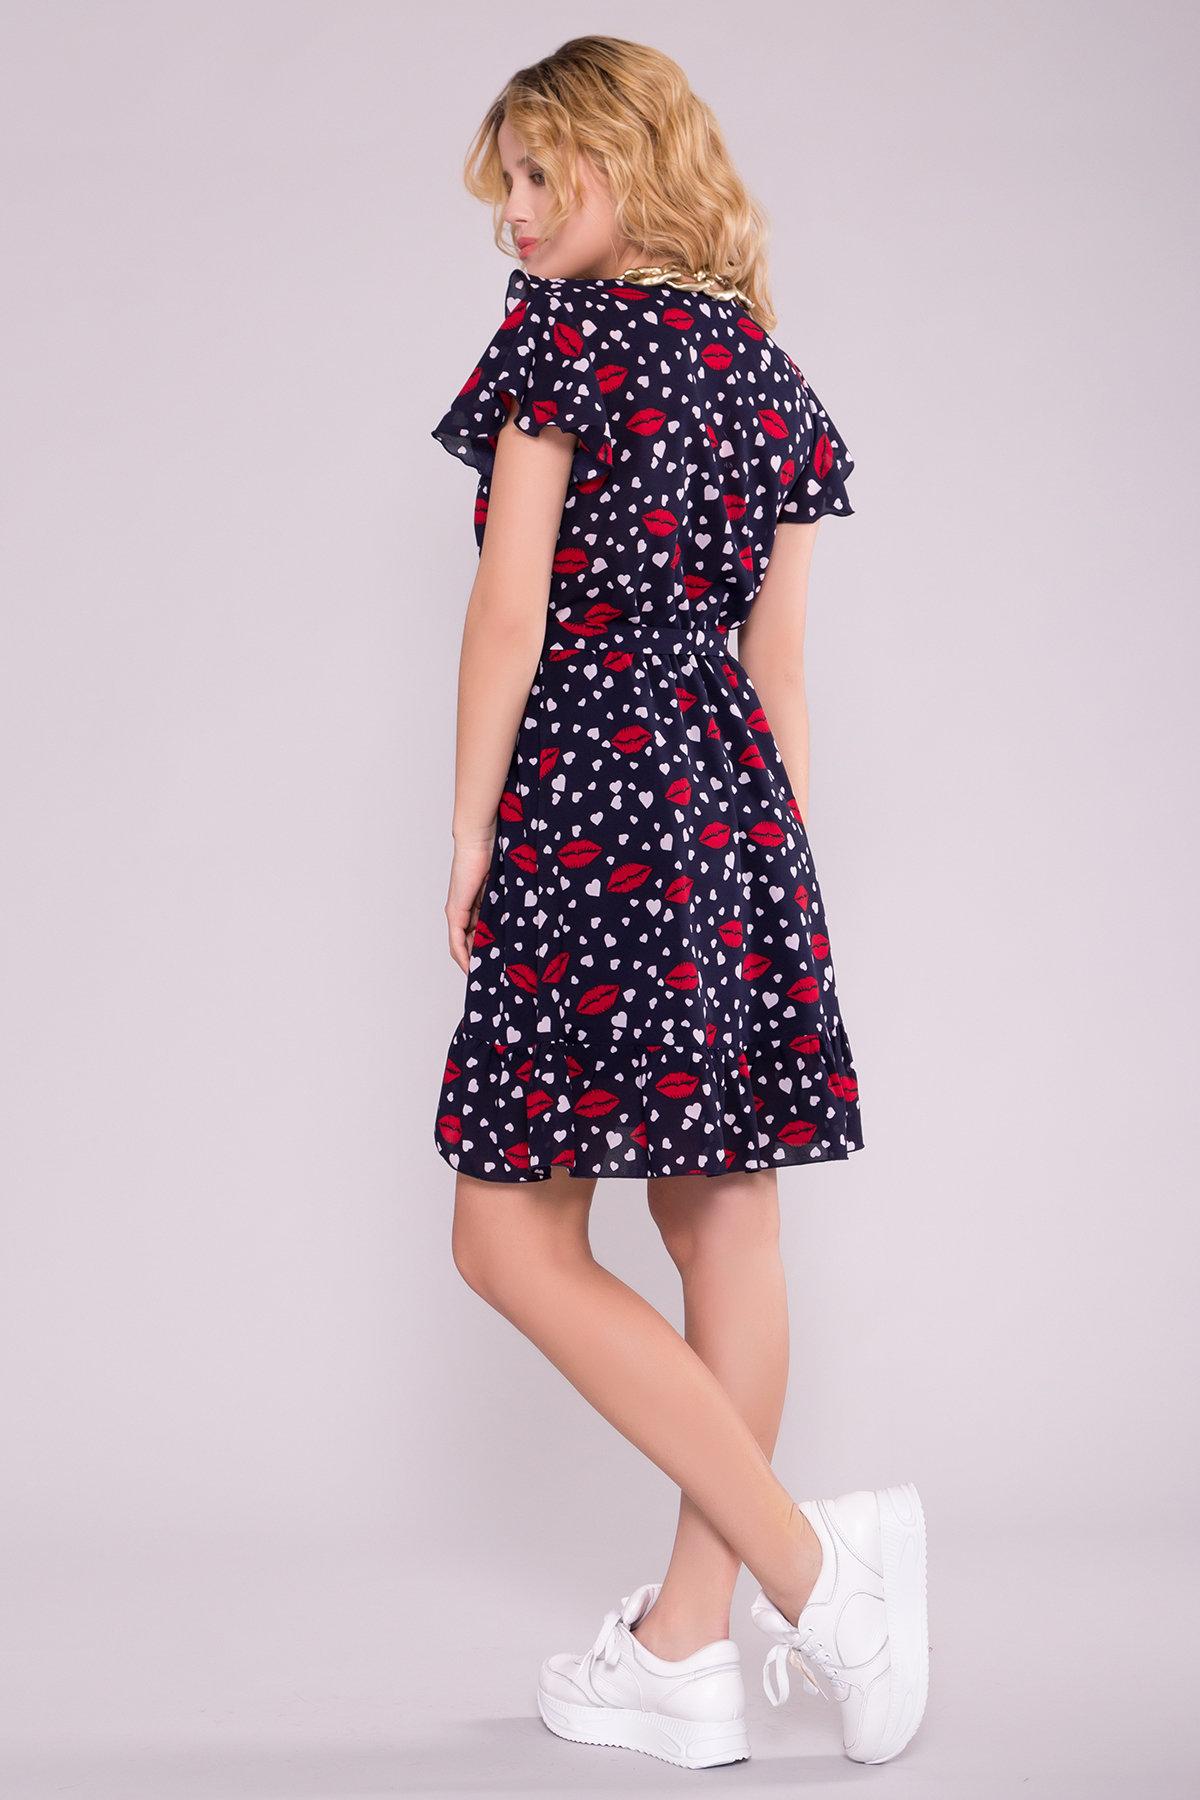 Платье Лигра 7096 АРТ. 42419 Цвет: Т.син Сердце/бел/крас губы - фото 2, интернет магазин tm-modus.ru